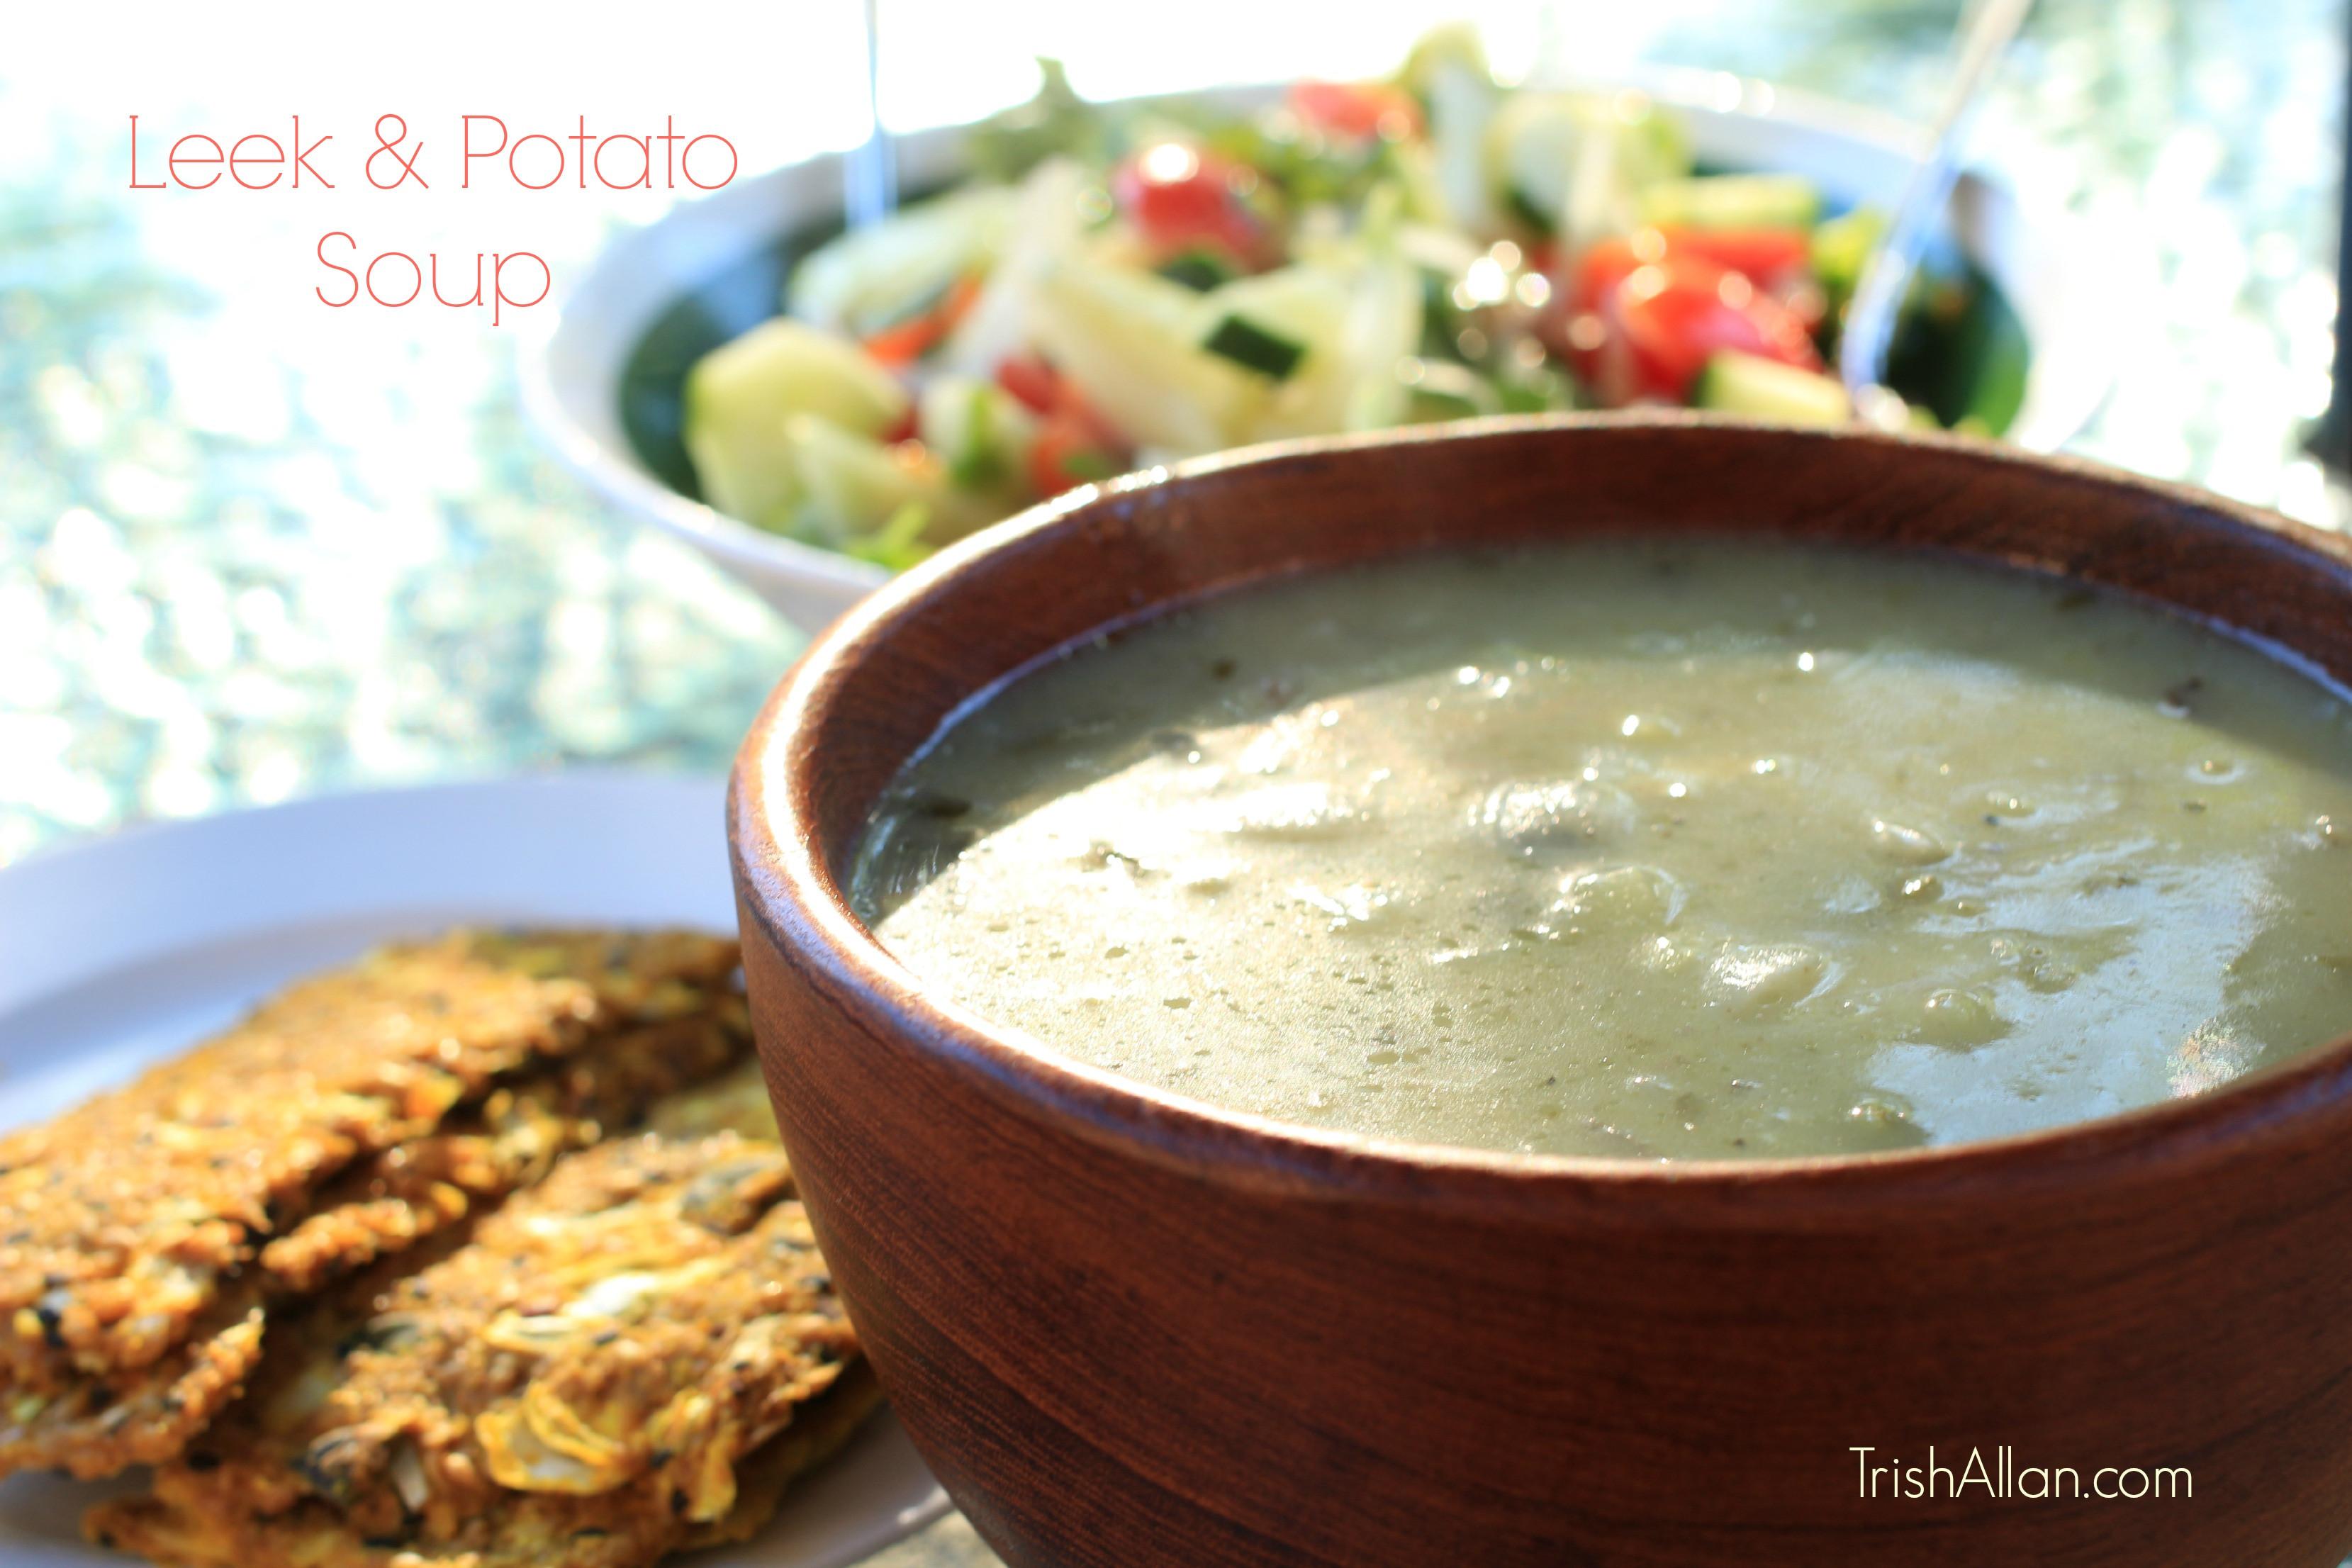 Potato Leek Soup Dairy Free  Leek & Potato Soup dairy free Trish Allan